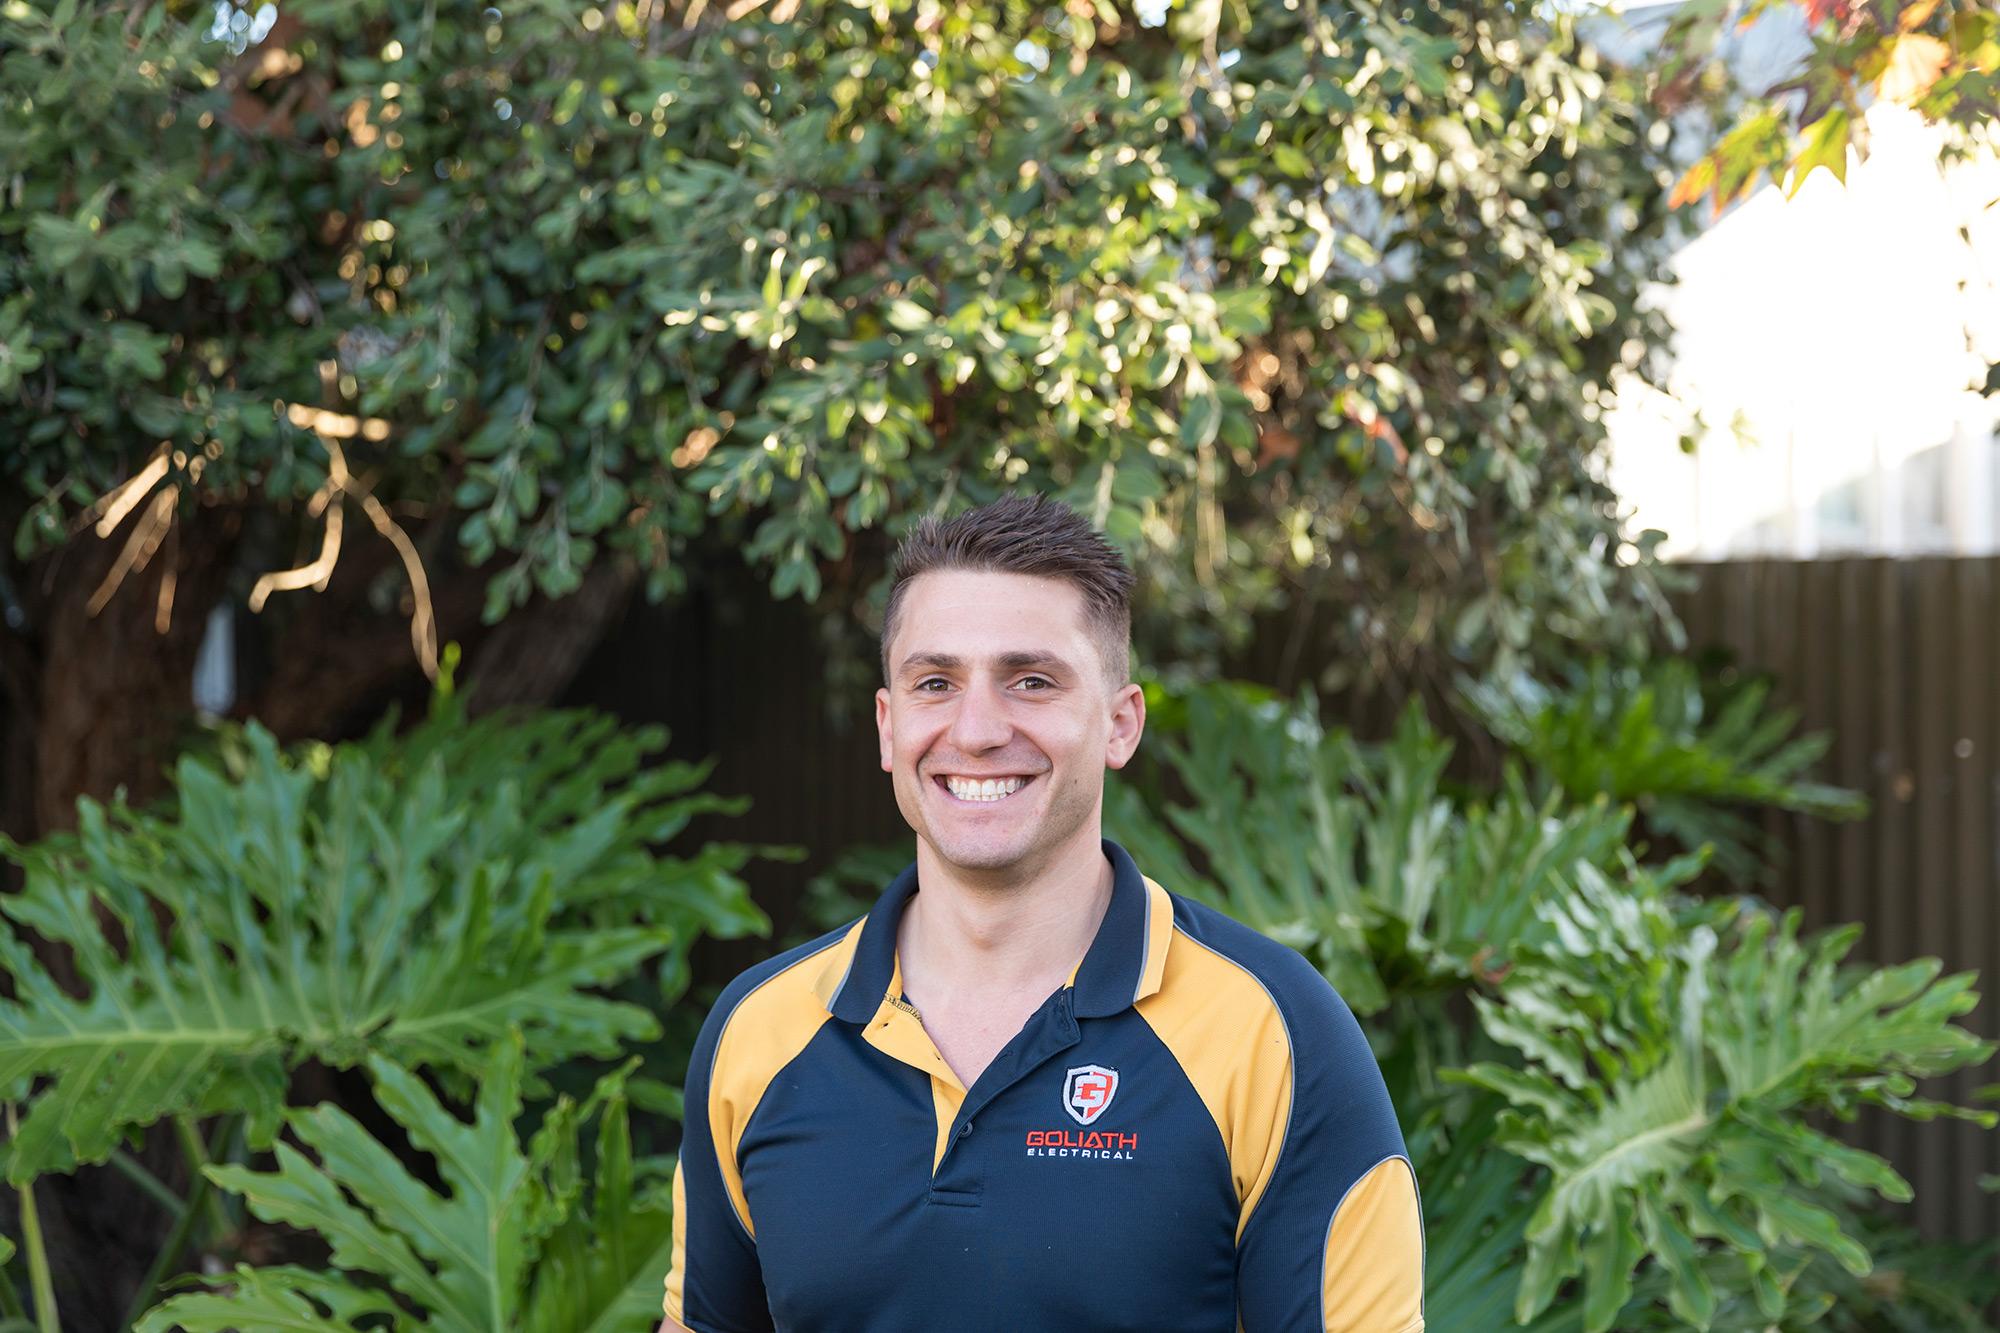 goliath-solar-founder-david-stevens.jpg